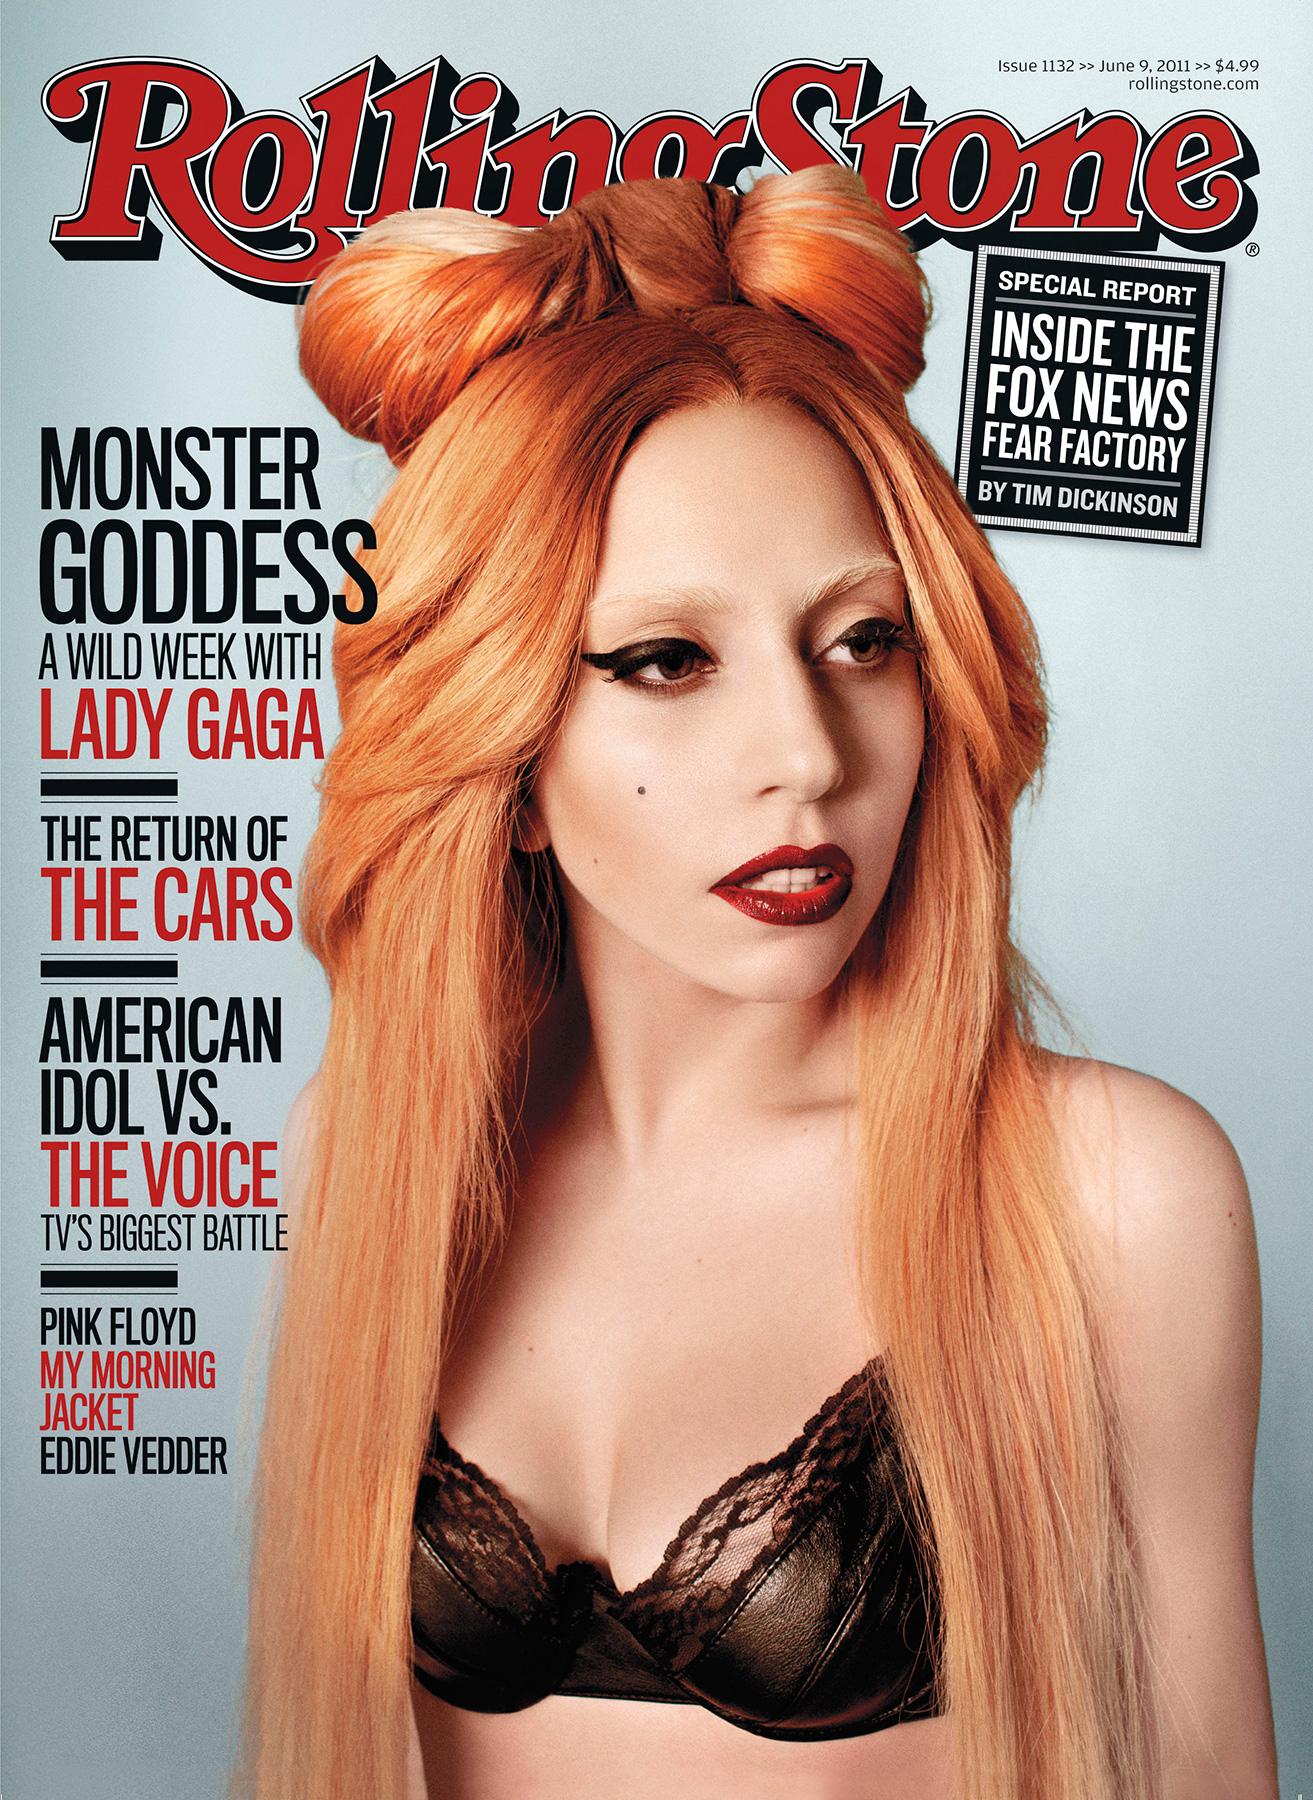 lady gaga cover r1132 2011